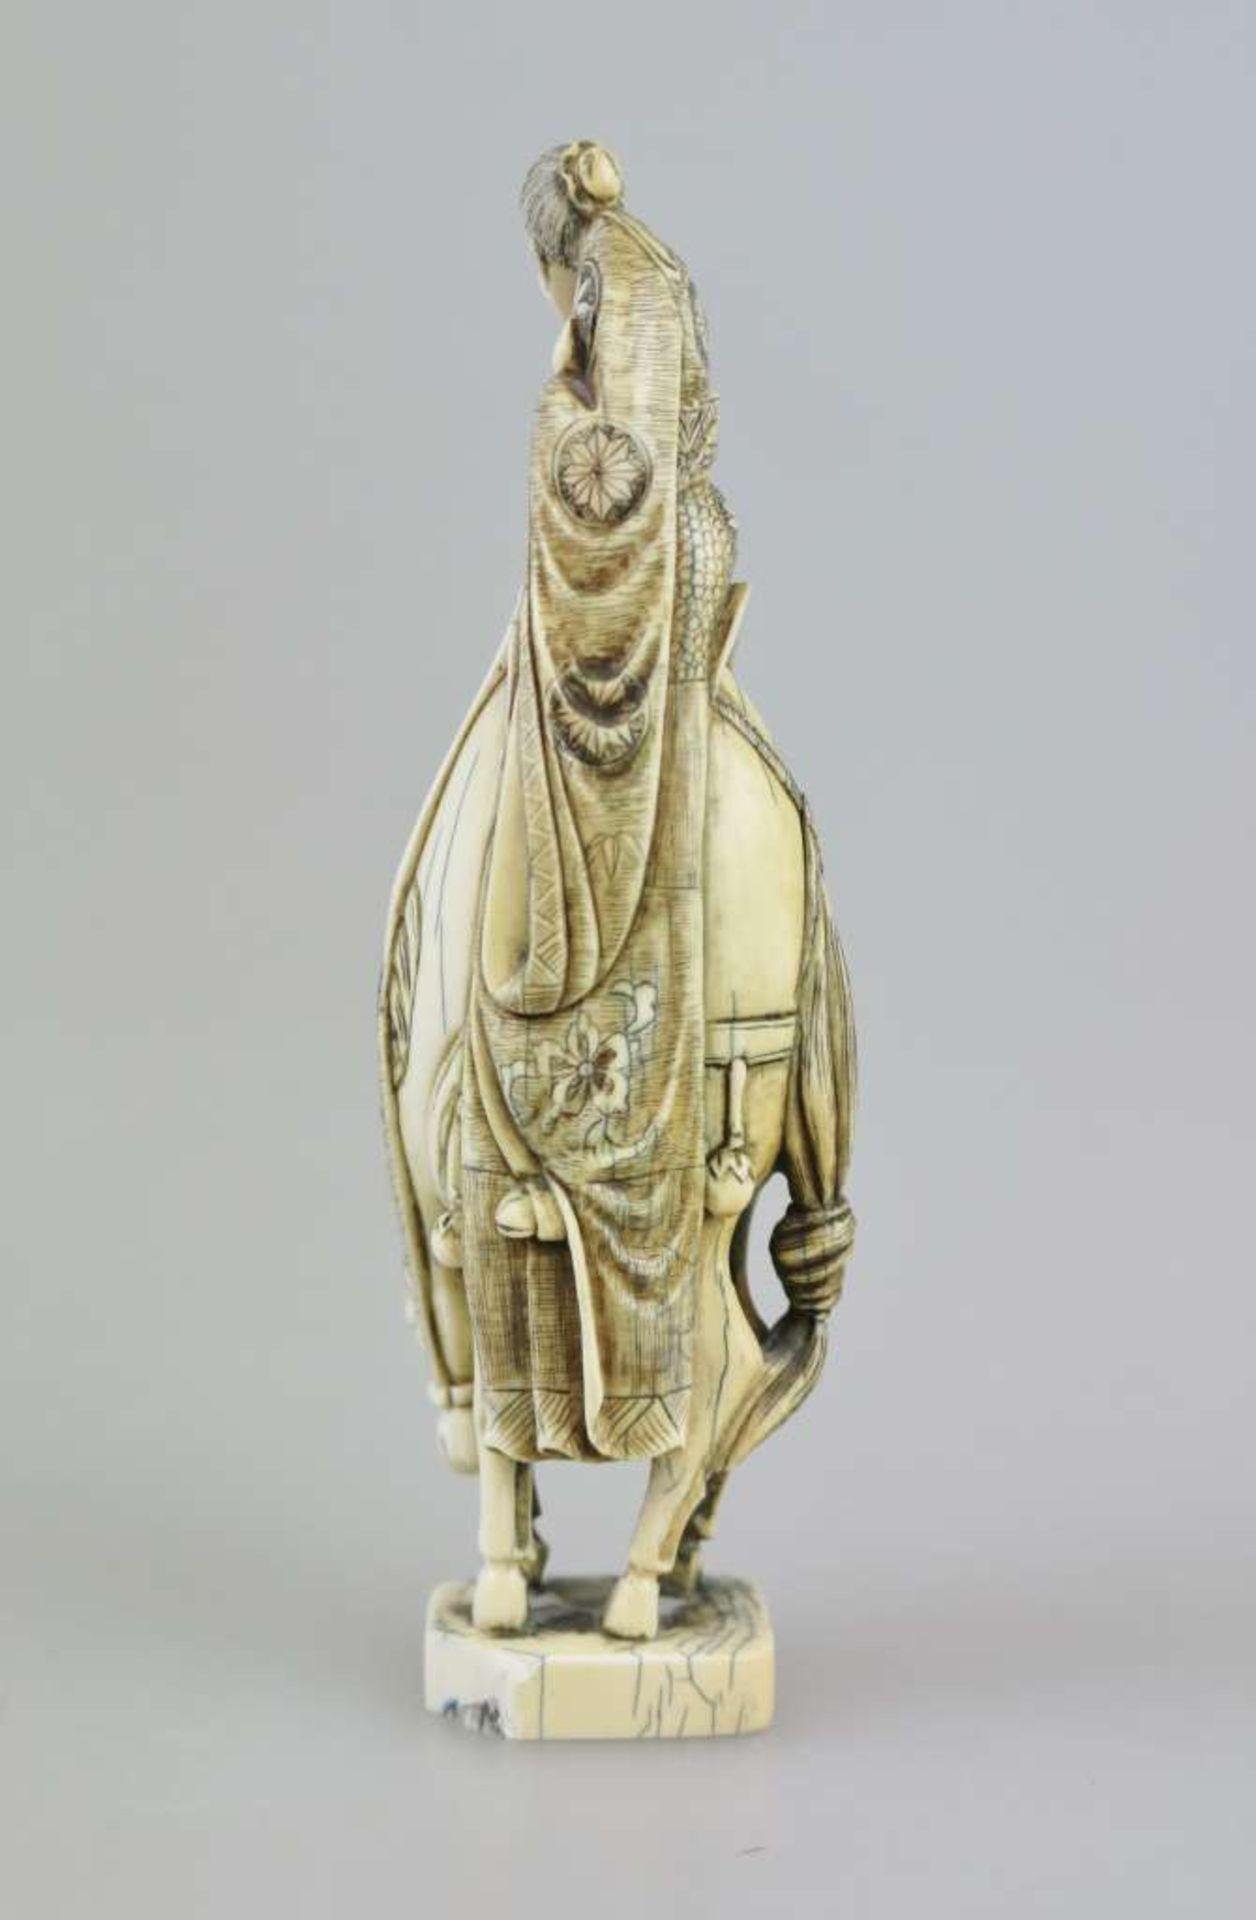 Okimono, Japan, 19./20. Jh., alter Gelehrter auf Pferd, Bodenmarke, H.: ca. 15 cm, Gewicht: 124 - Bild 2 aus 3